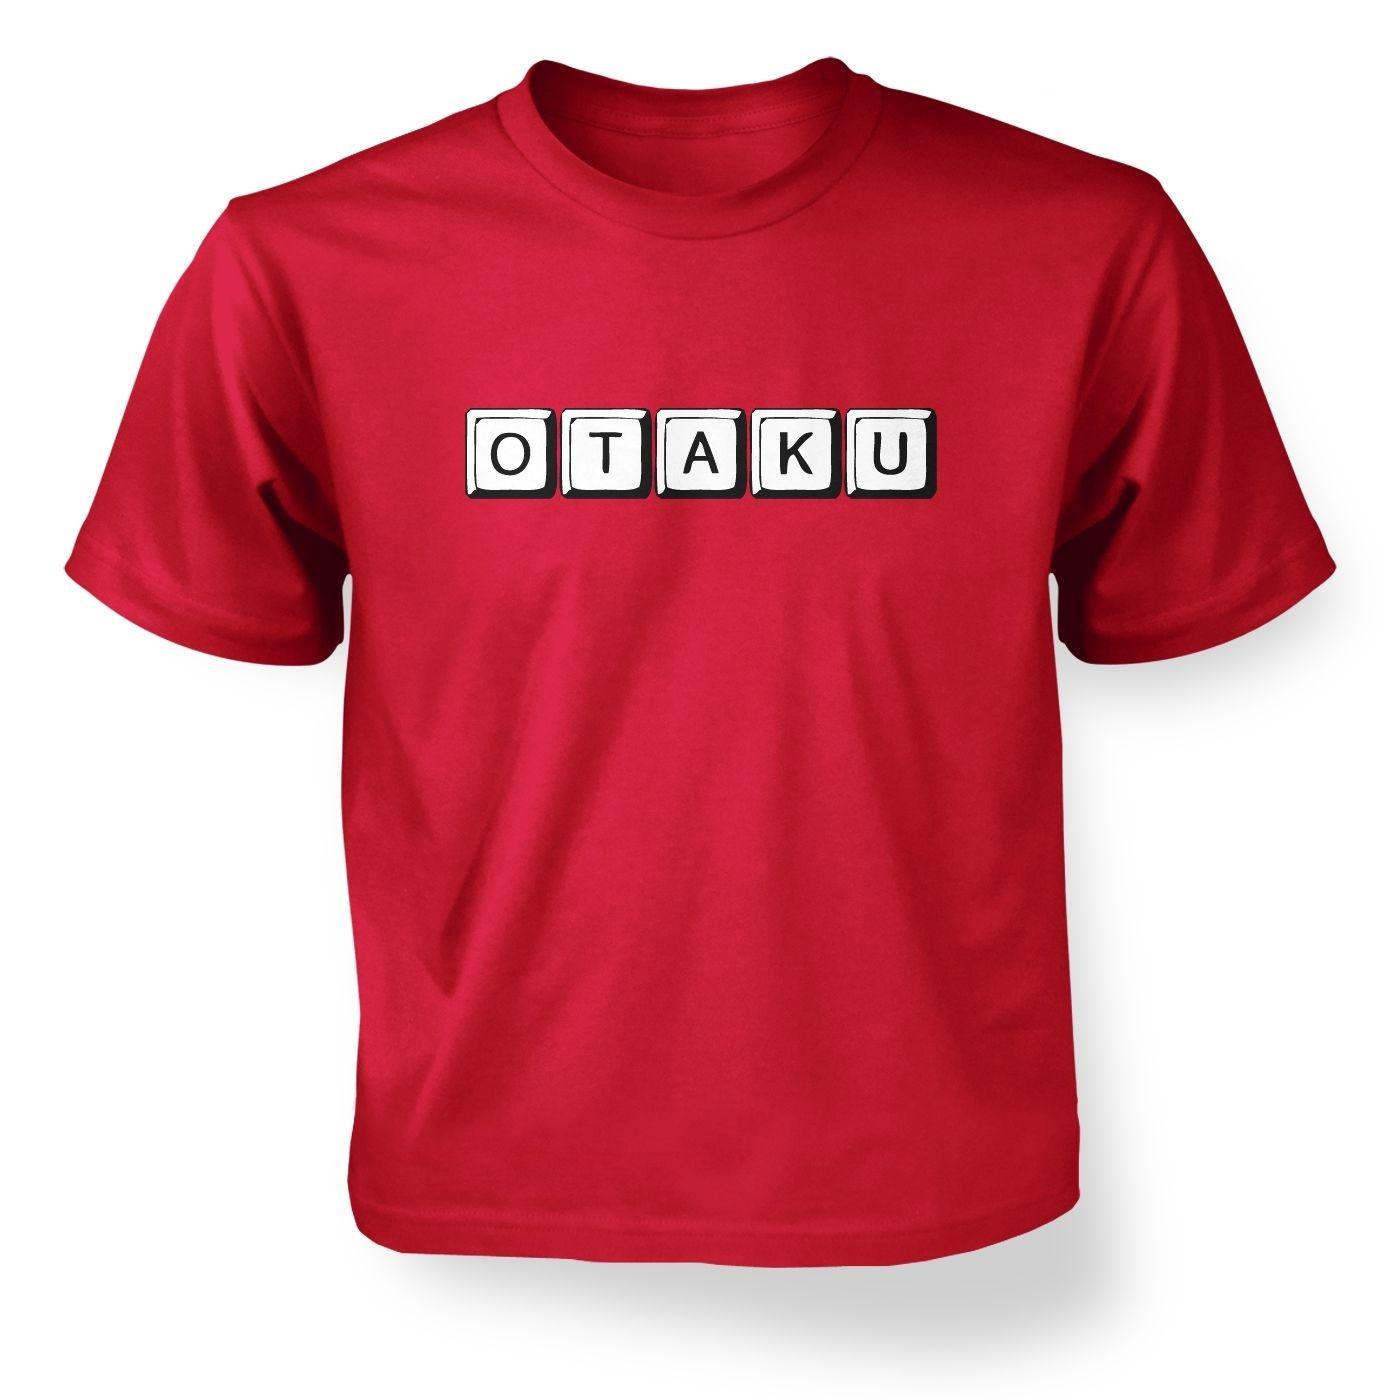 Japanese 'Otaku' kids' t-shirt